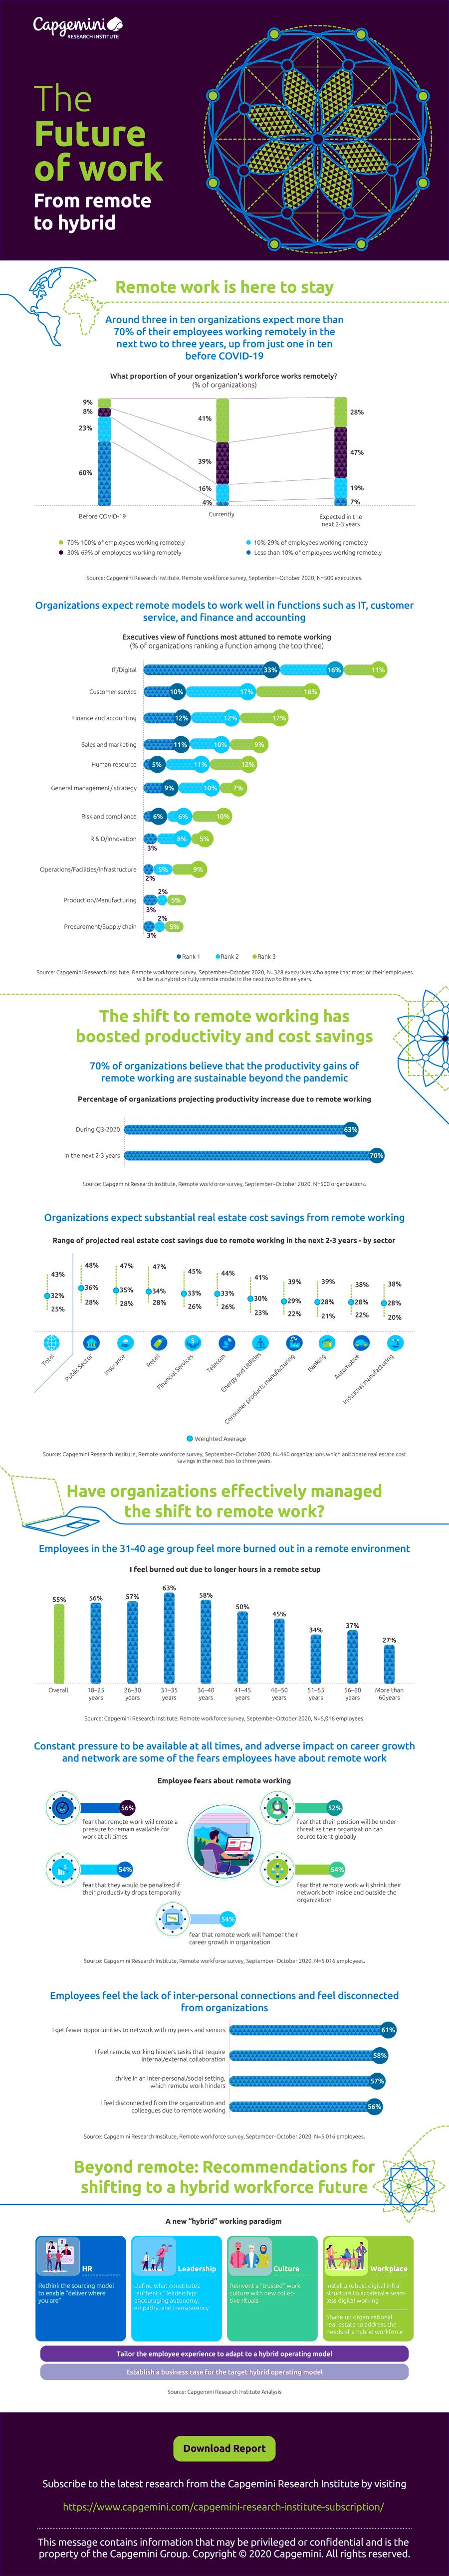 Infografik: Die Zukunft der Arbeit liegt in einem hybriden Modell